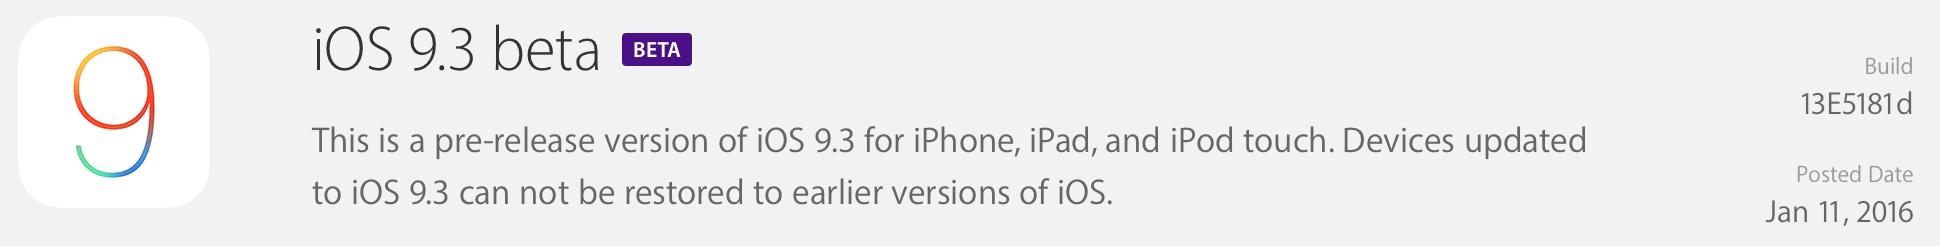 iOS 9 Beta Release Notes-bildschirmfoto-2016-01-11-um-19.51.46.png